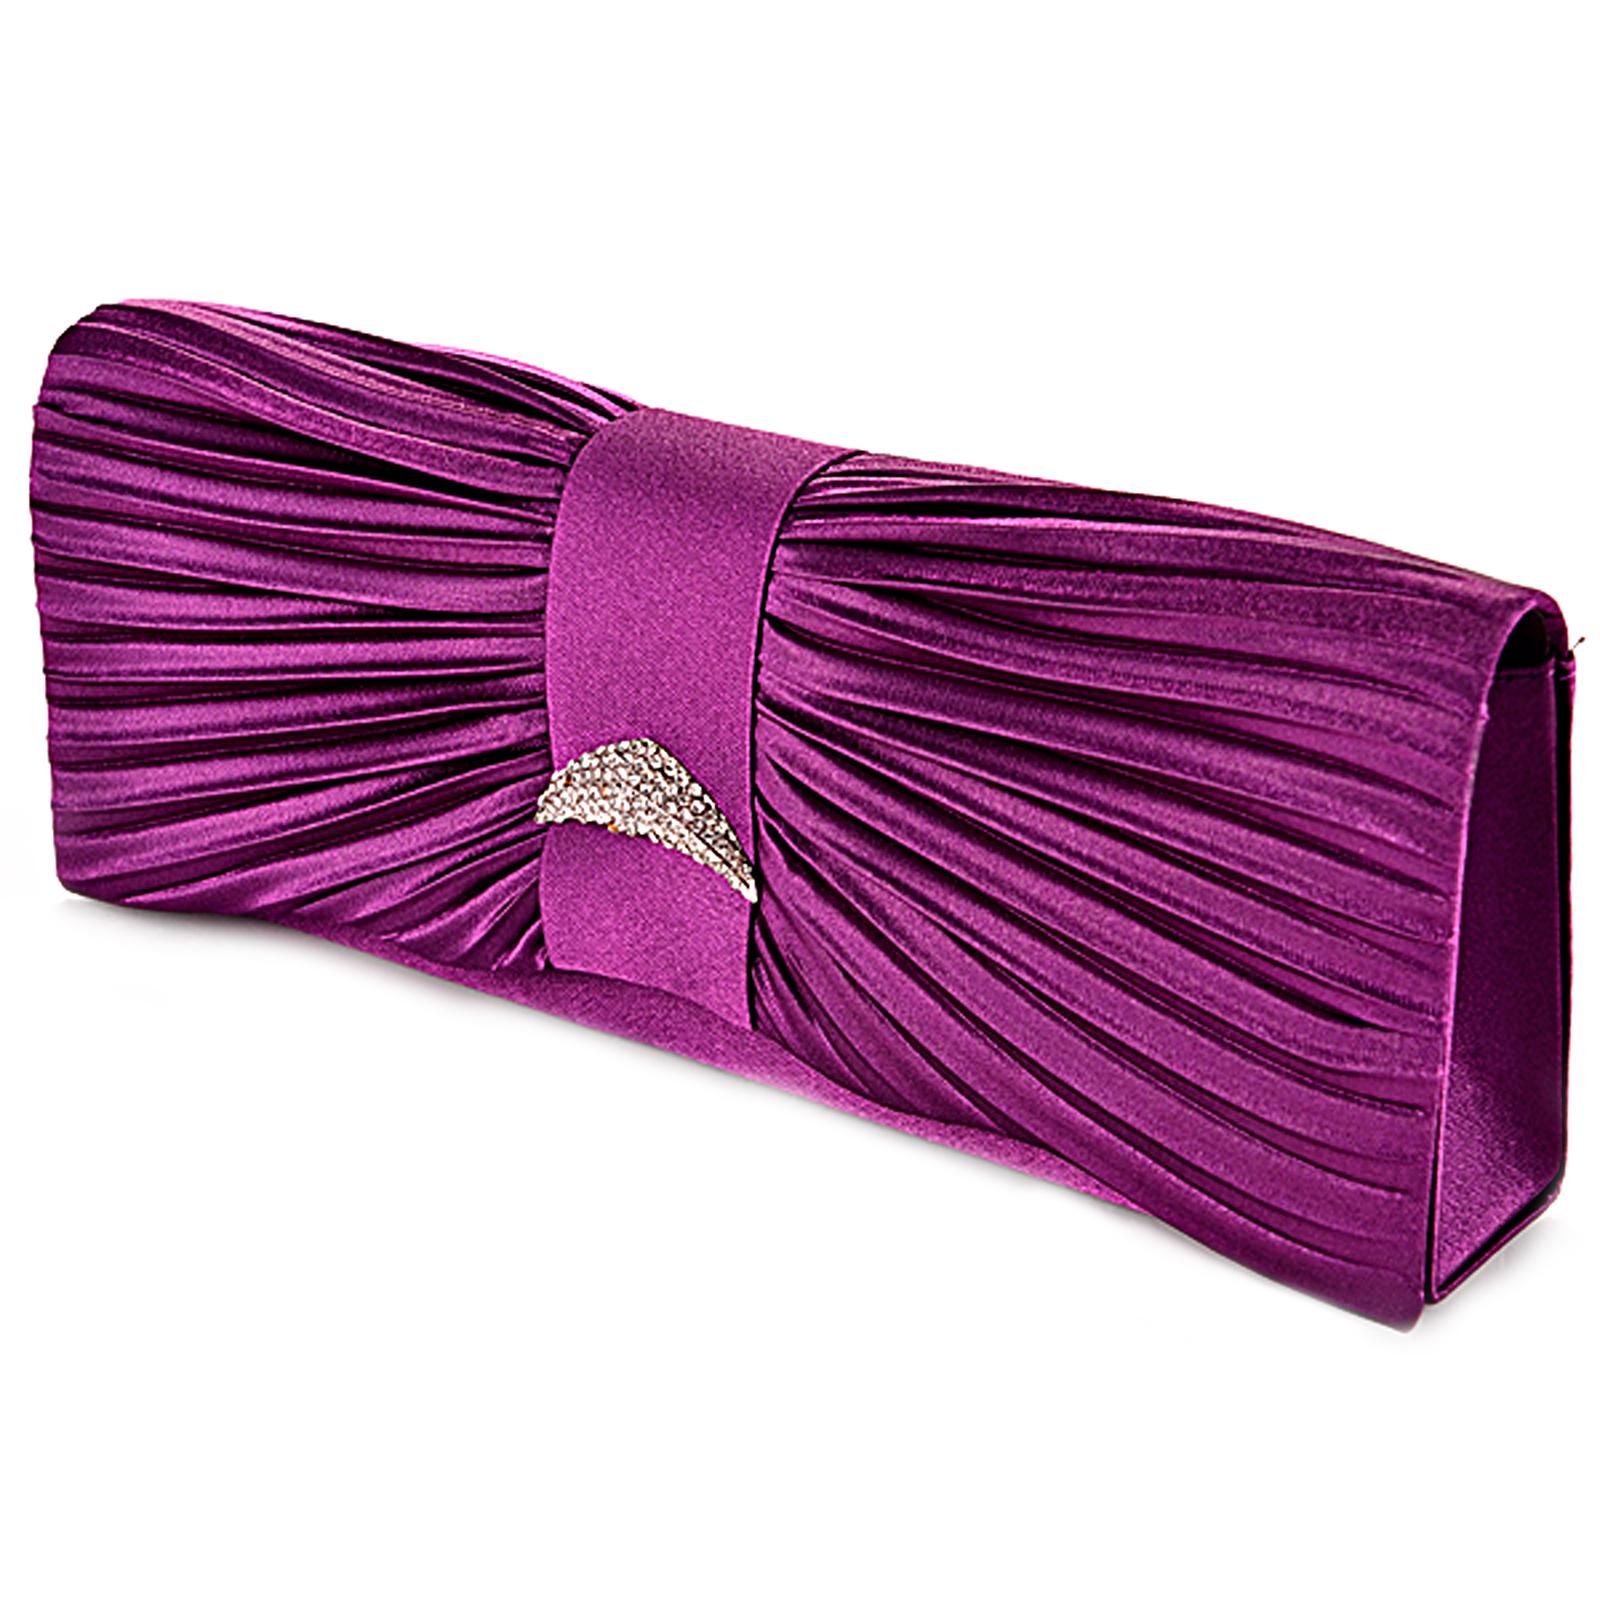 Ladies Satin Diamante Evening Clutch Wedding Prom Bridal Clutch Bag Handbag | EBay